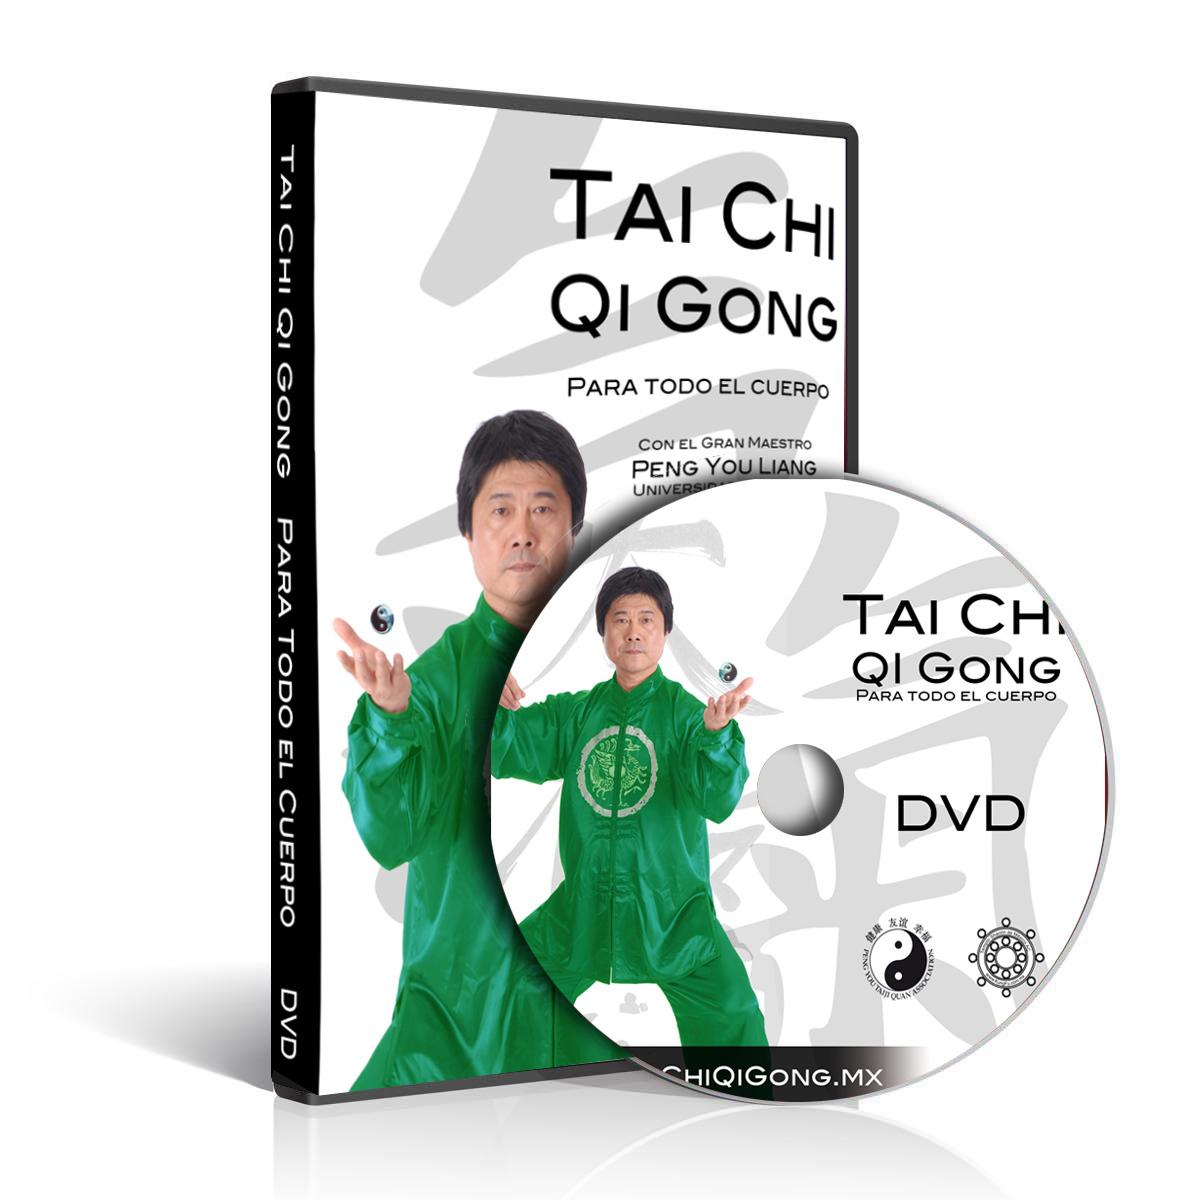 Tai Chi Qi Gong para todo el cuerpo en español. 00023